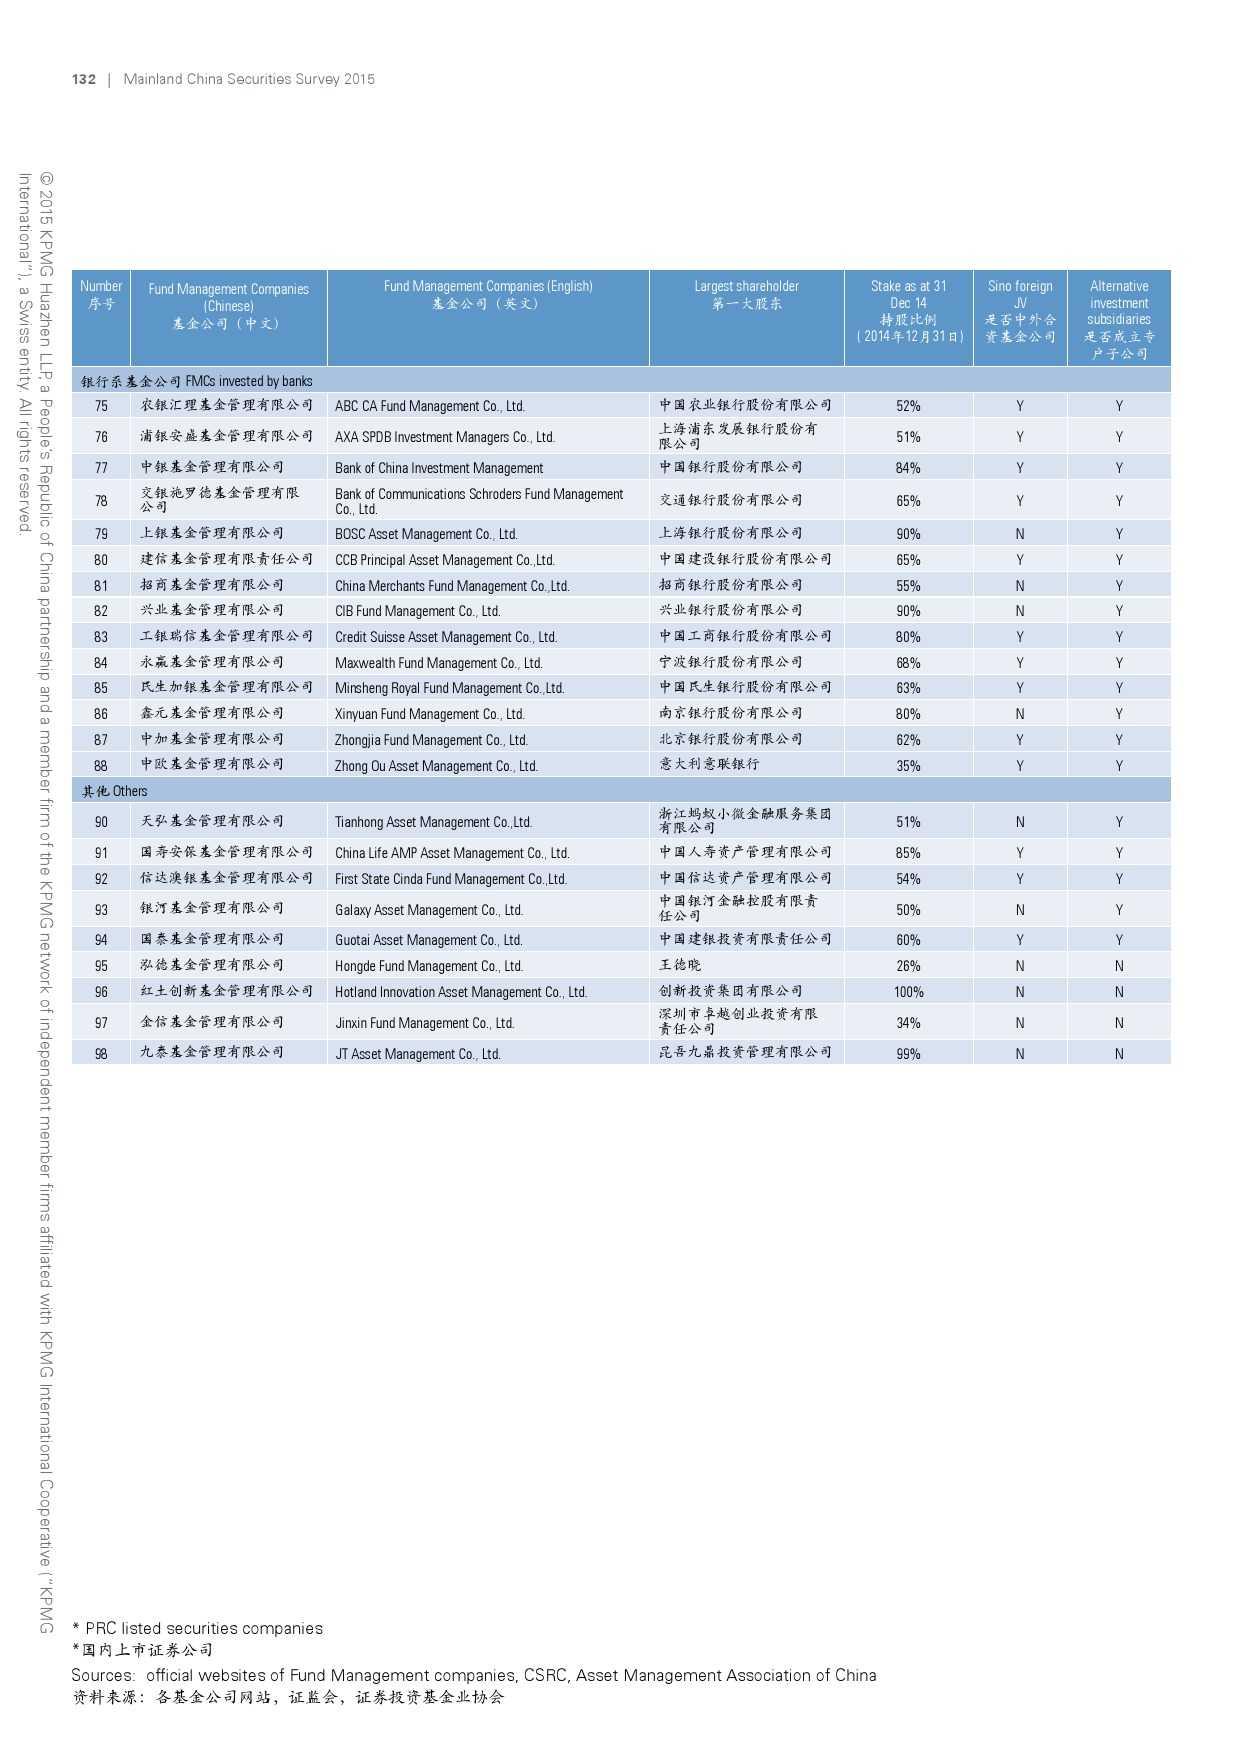 毕马威:2015年中国证券业调查报告_000134